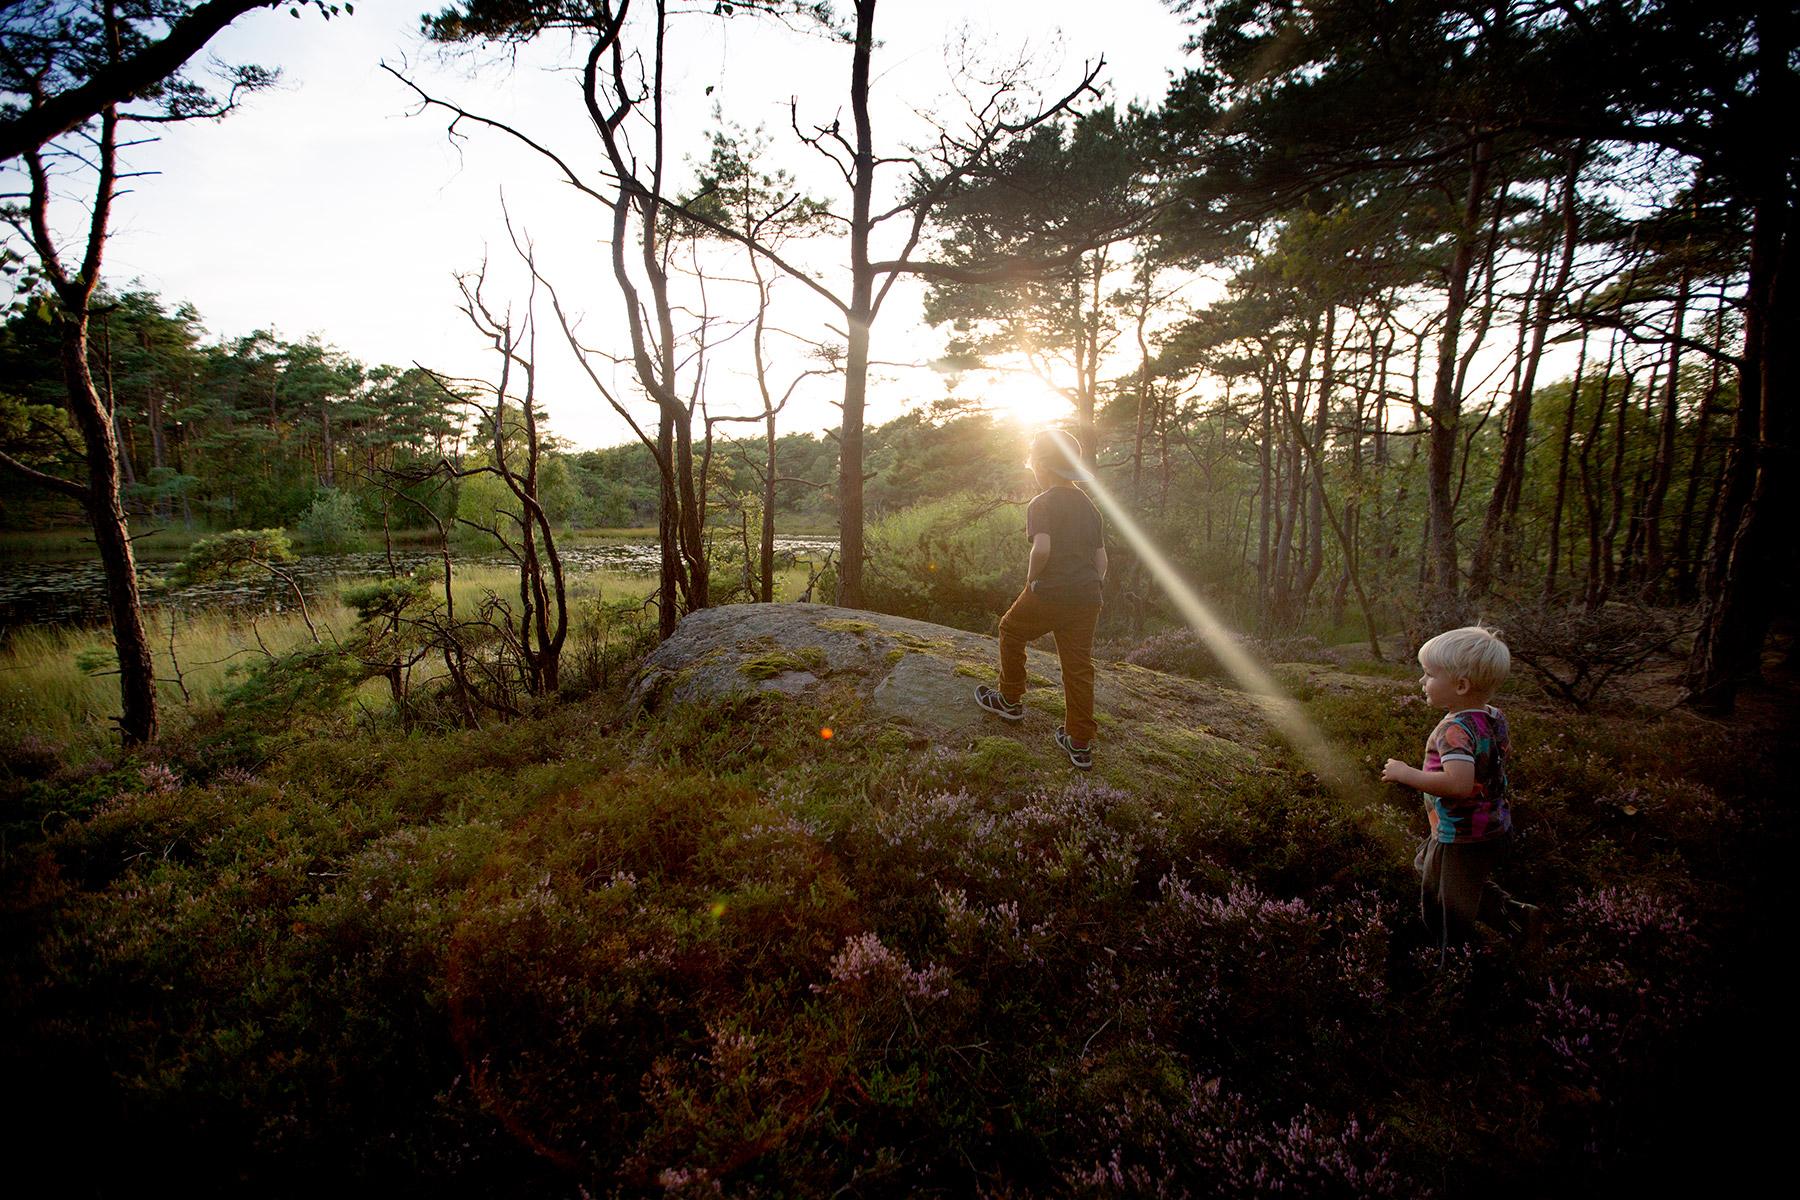 blogg-170816taltaiskogen10.jpg